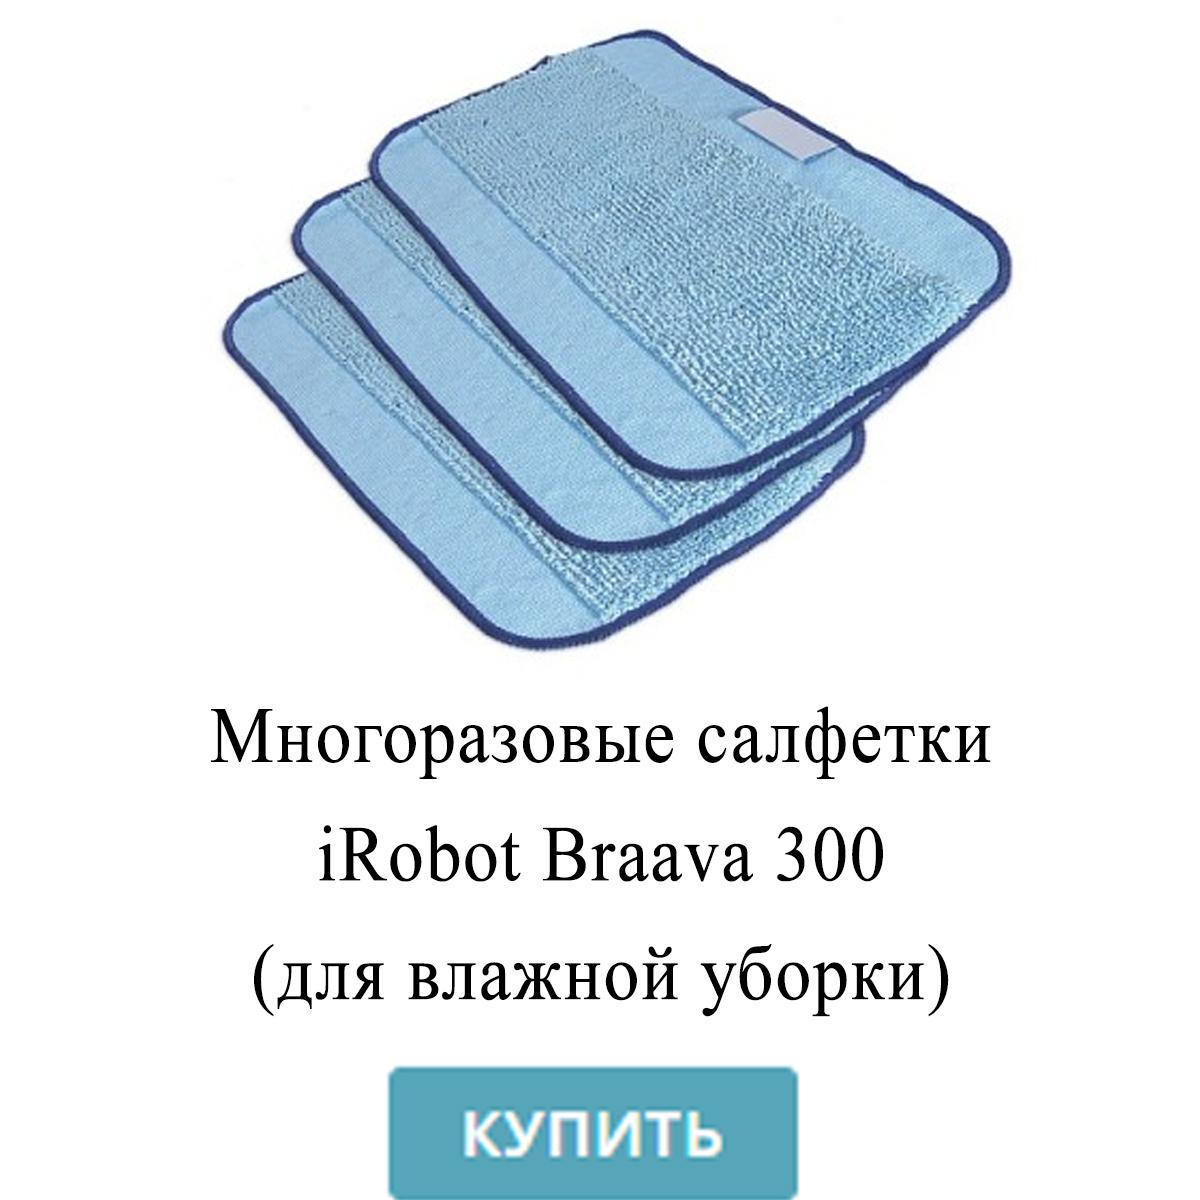 Многоразовые салфетки iRobot Braava 300 (для влажной уборки)